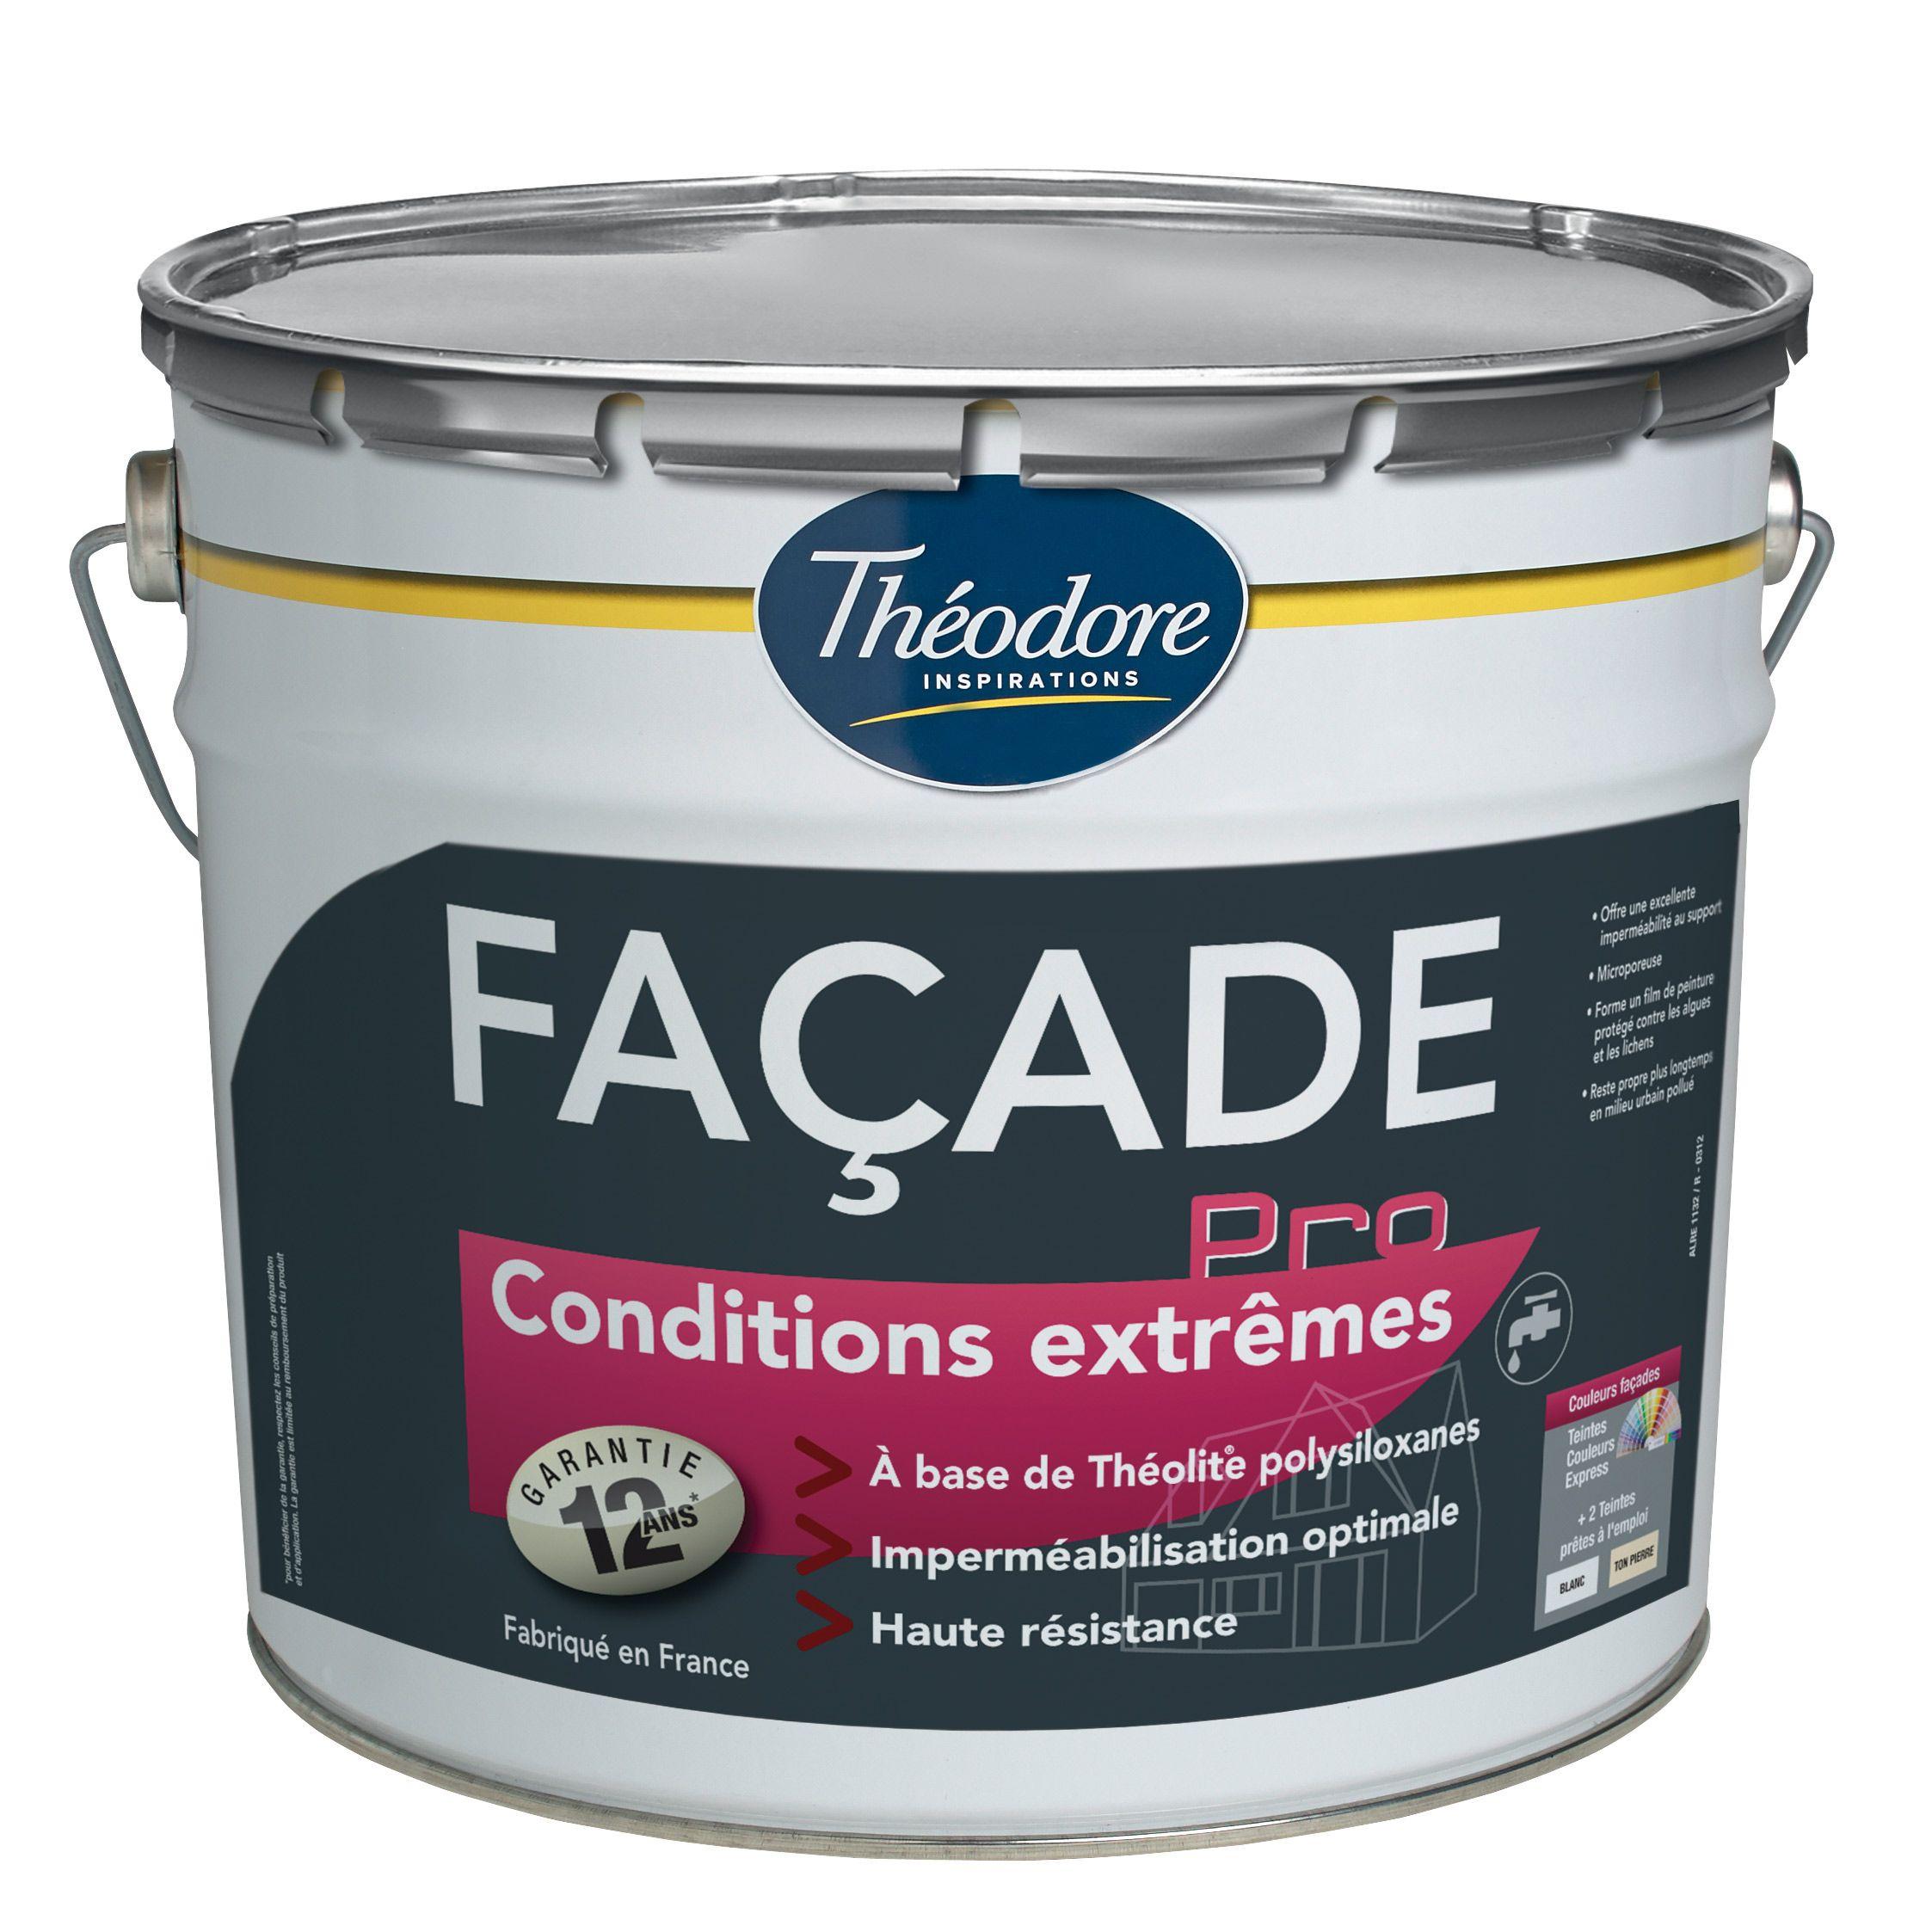 Facade Pro Conditions Extremes Ce Produit Permet A Votre Facade De Rester Propre Plus Longtemps En Milieu Urbain Pollue Plus D Infos Sur Www Theodore Fr